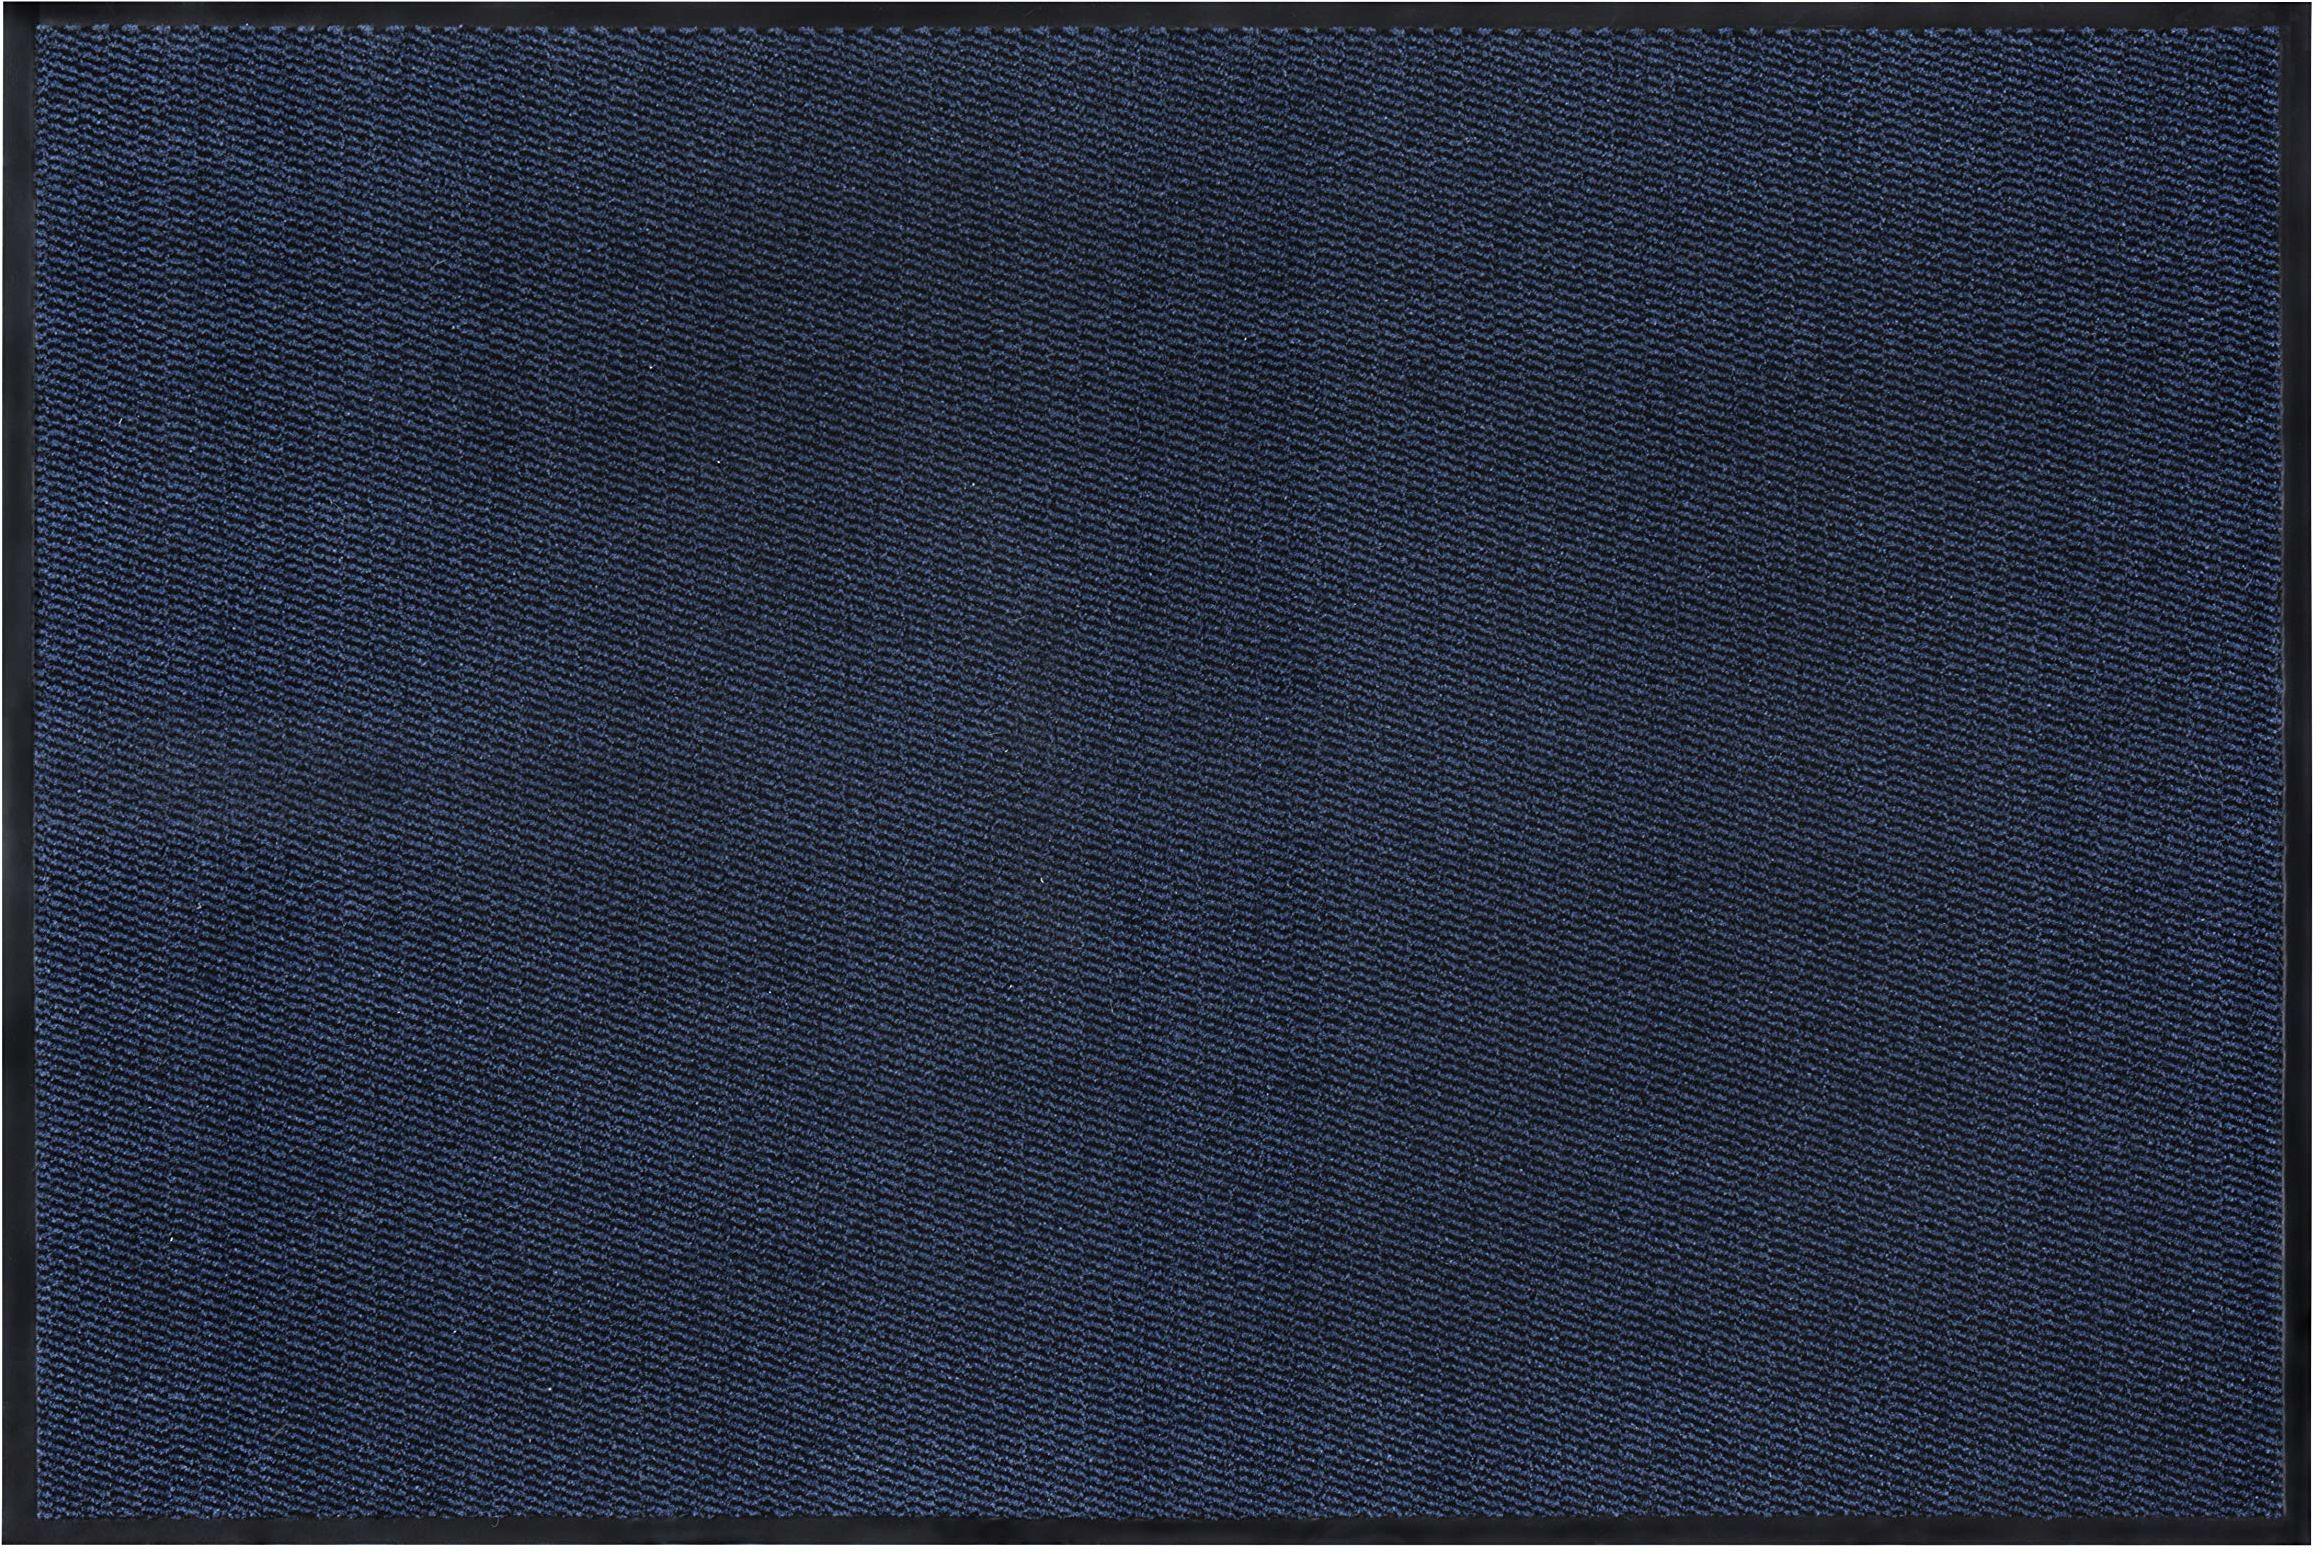 Andiamo wycieraczka do łapania brudu, polipropylen, niebieski, 60 x 80 cm